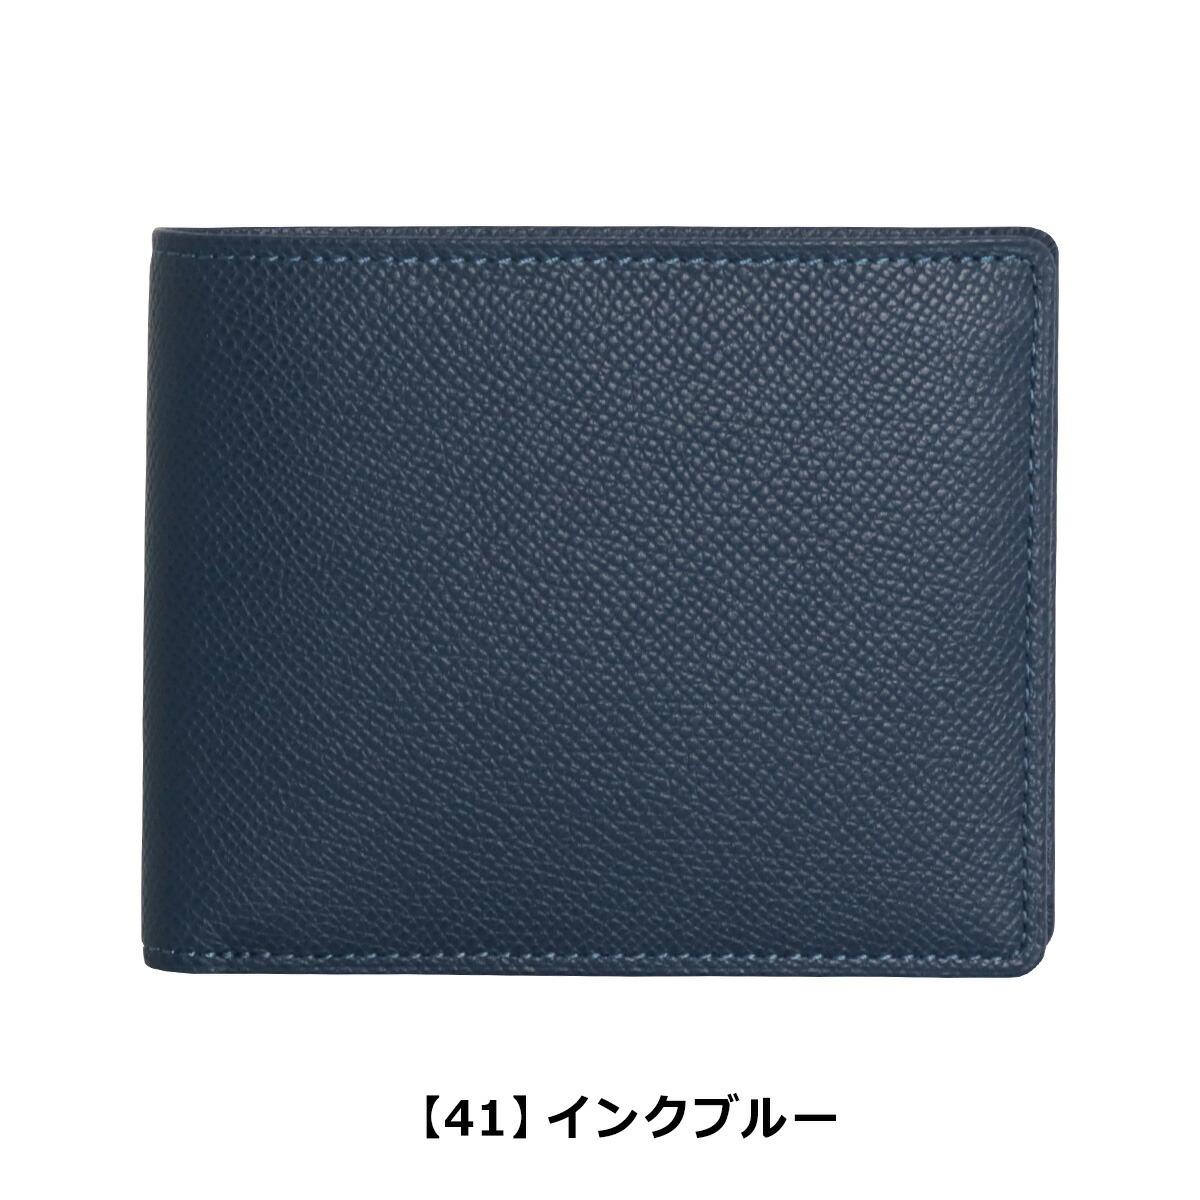 【41】インクブルー